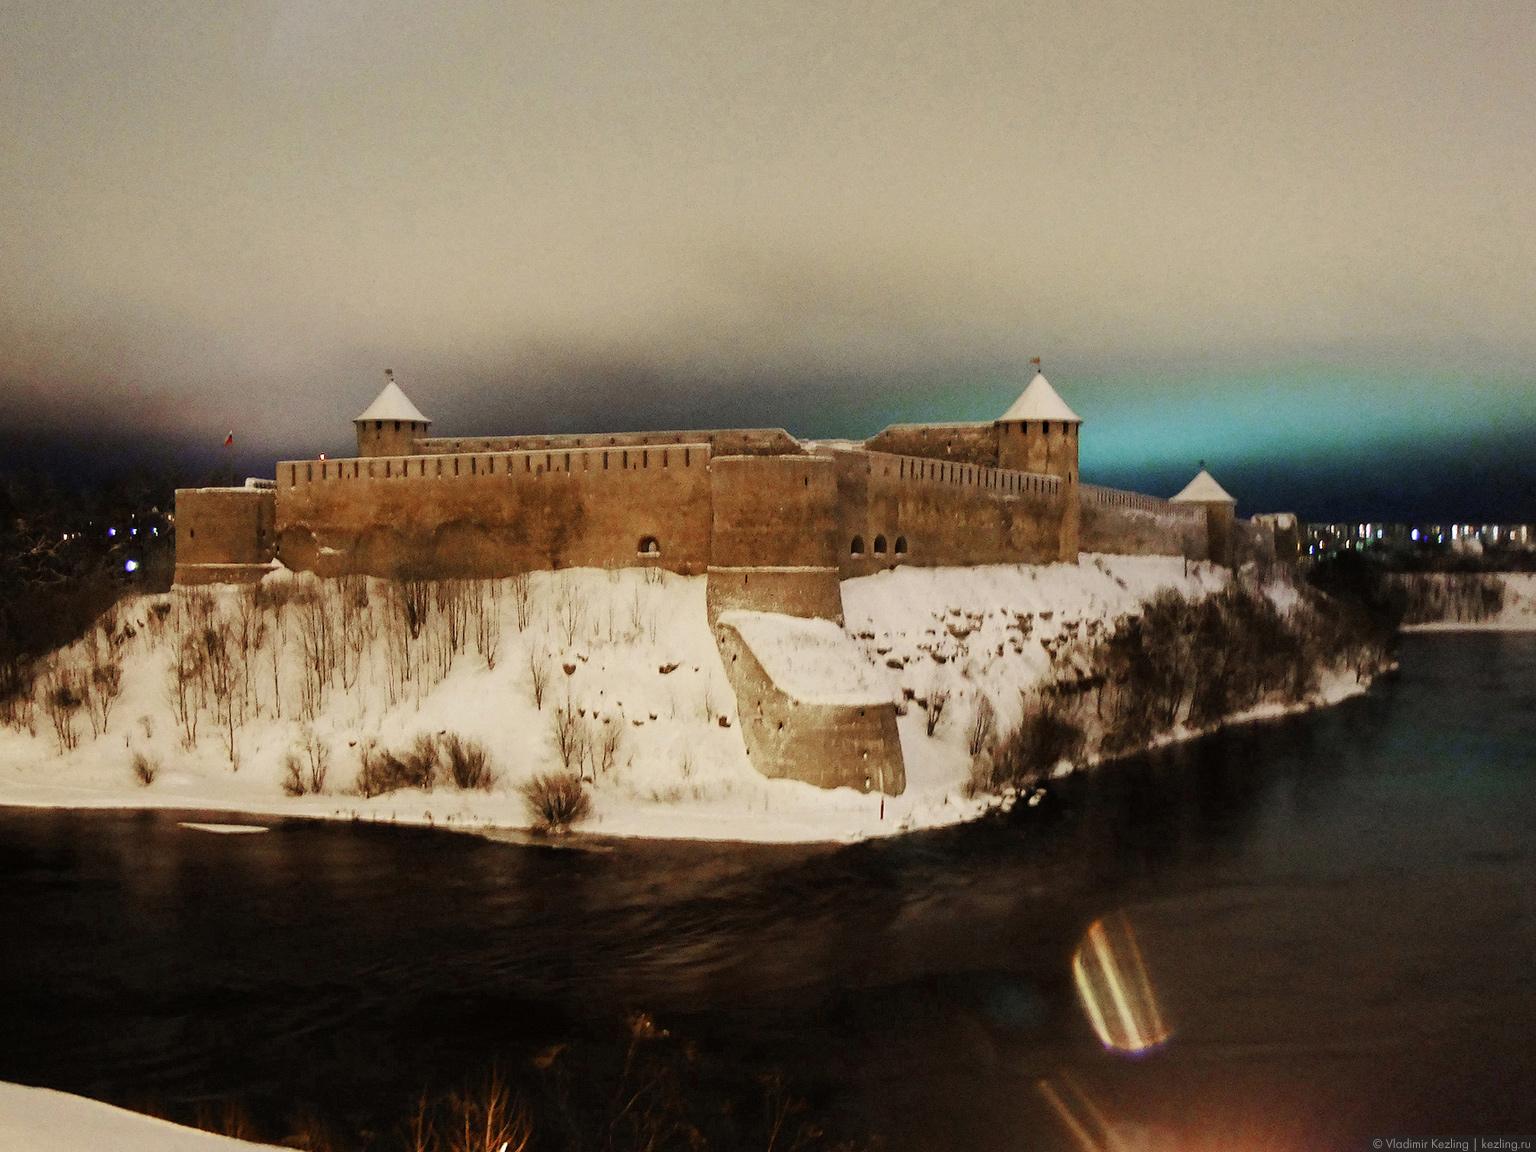 Новогодняя повесть. Зарисовка с эстонско-российской границы